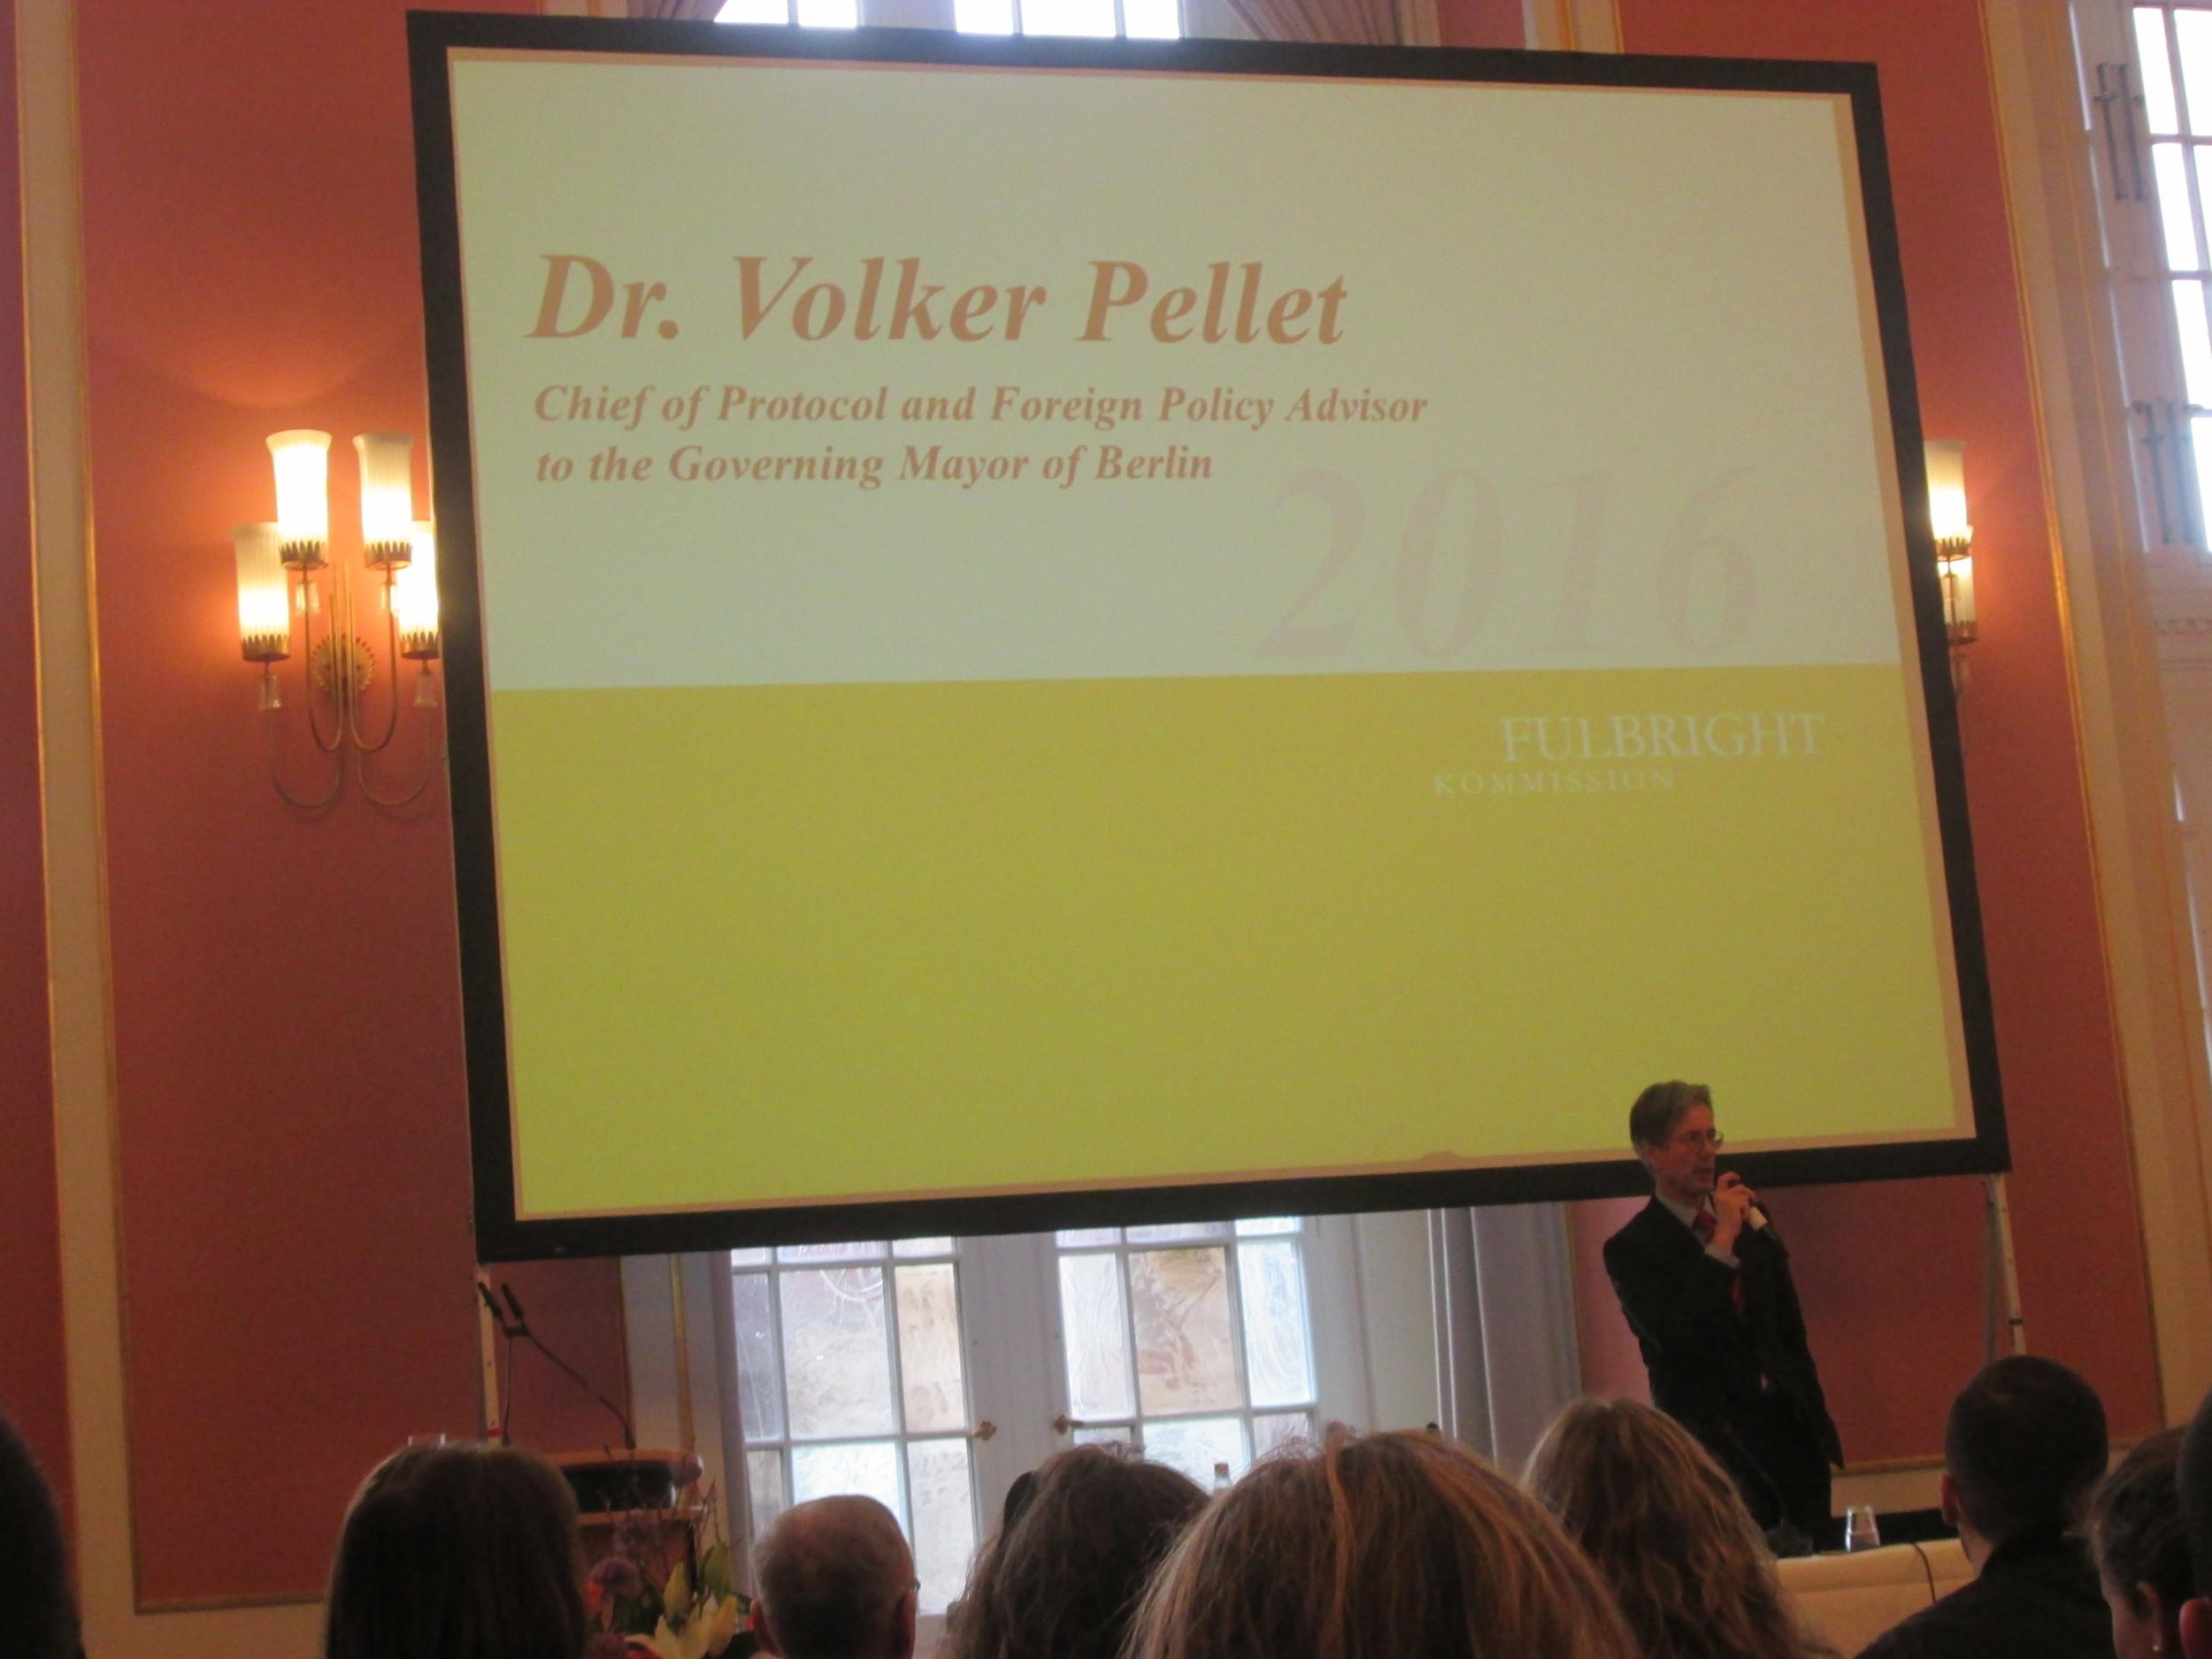 Dr. Volker Pellet